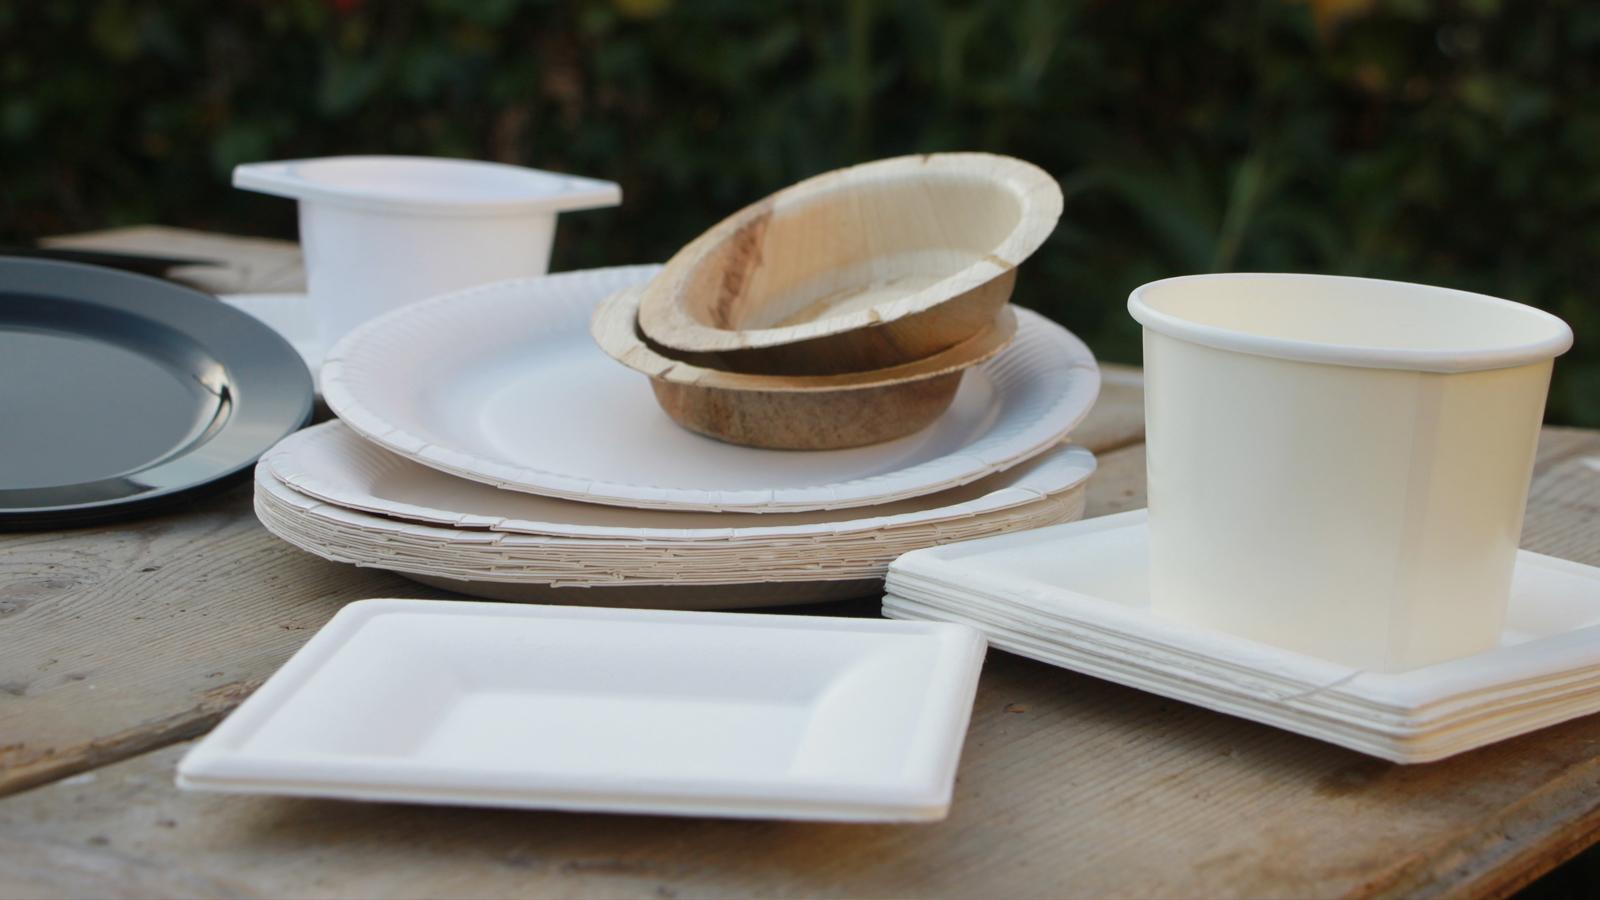 Duurzame borden als alternatief voor plastic borden